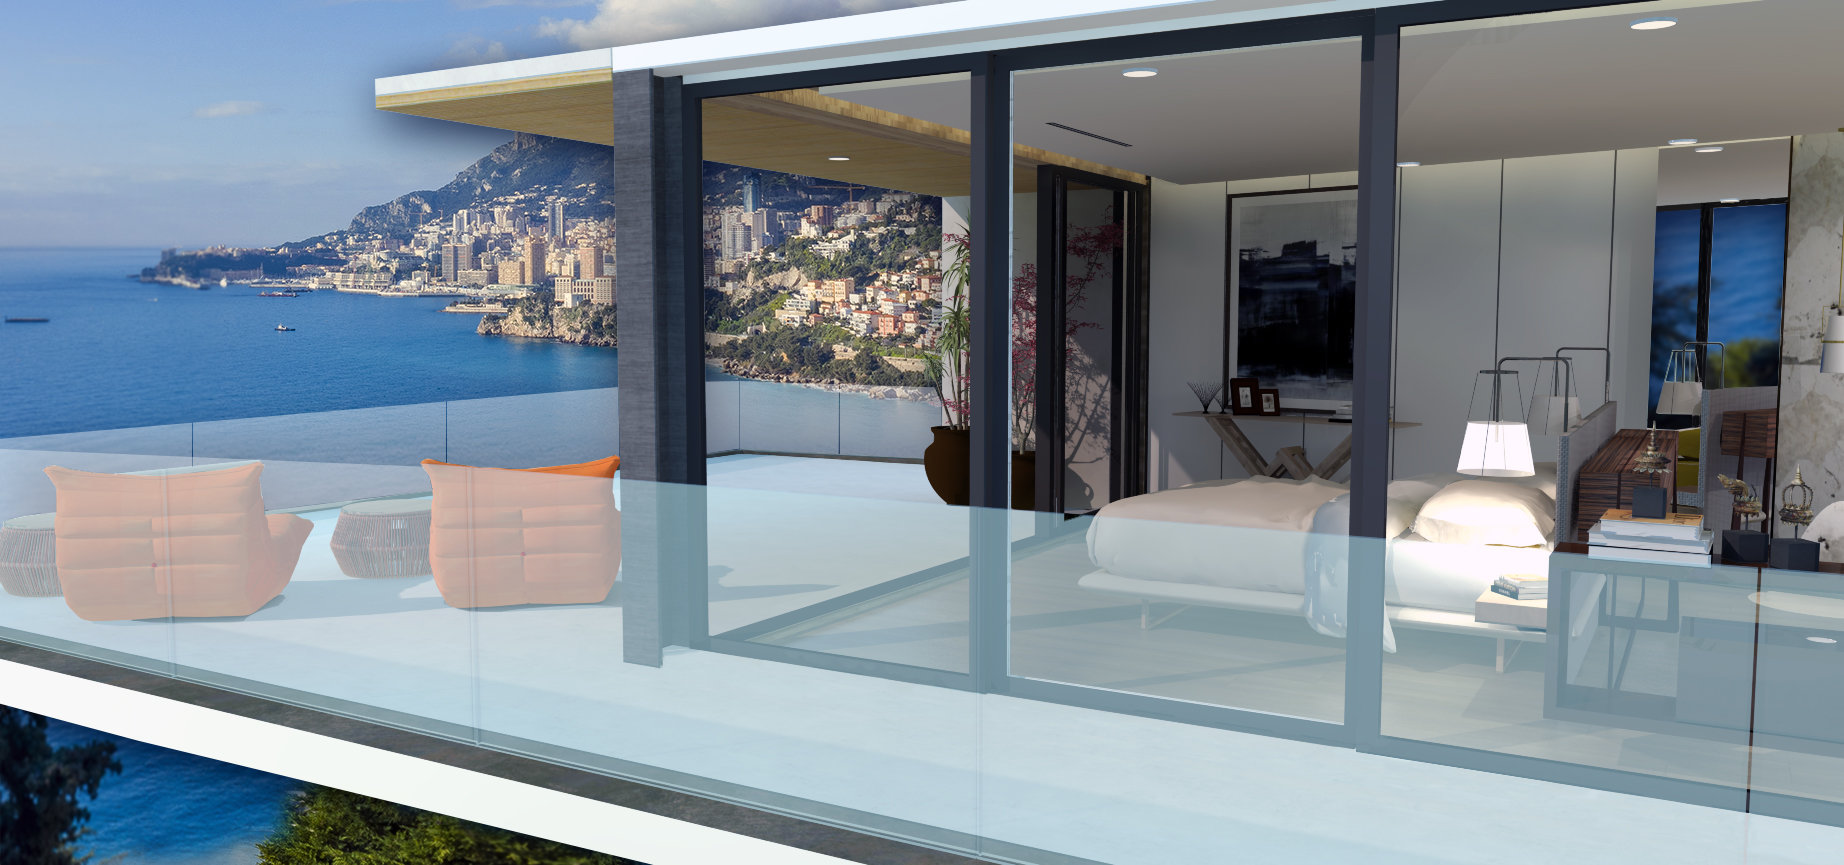 Sale Building land - Roquebrune-Cap-Martin